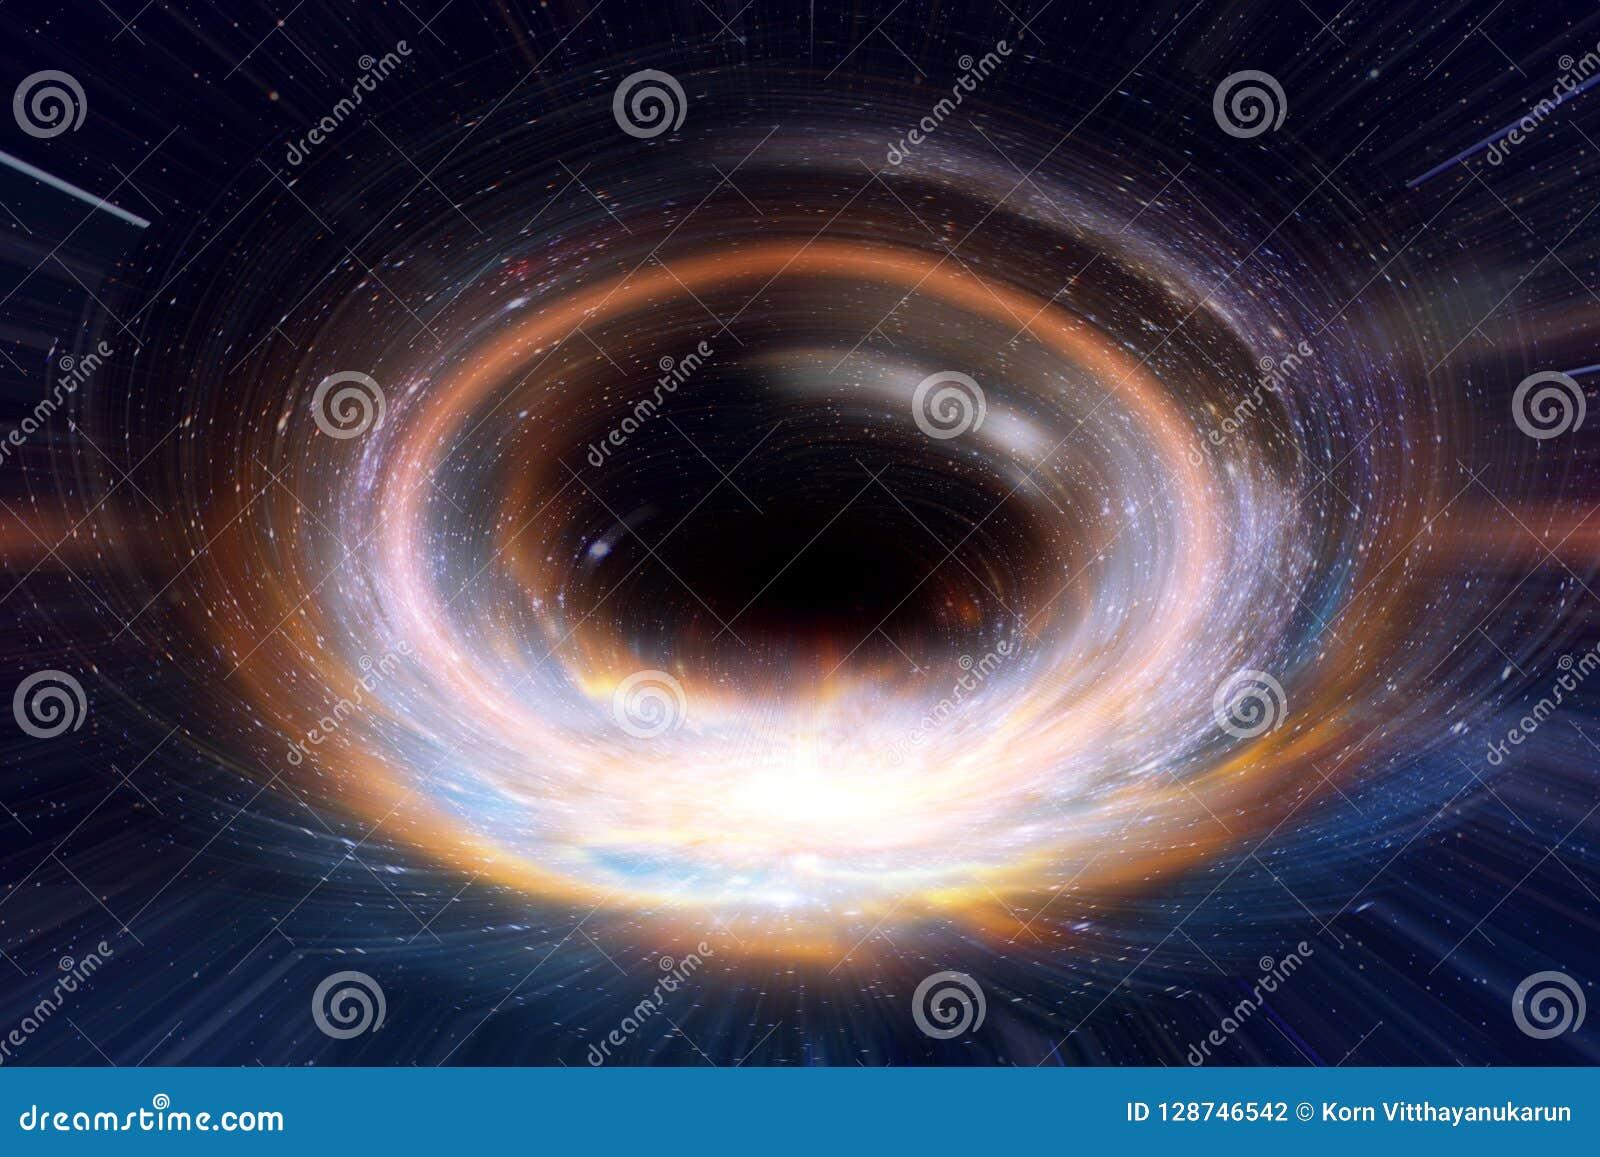 黑洞或蠕虫孔在星系空间和时期在宇宙概念艺术